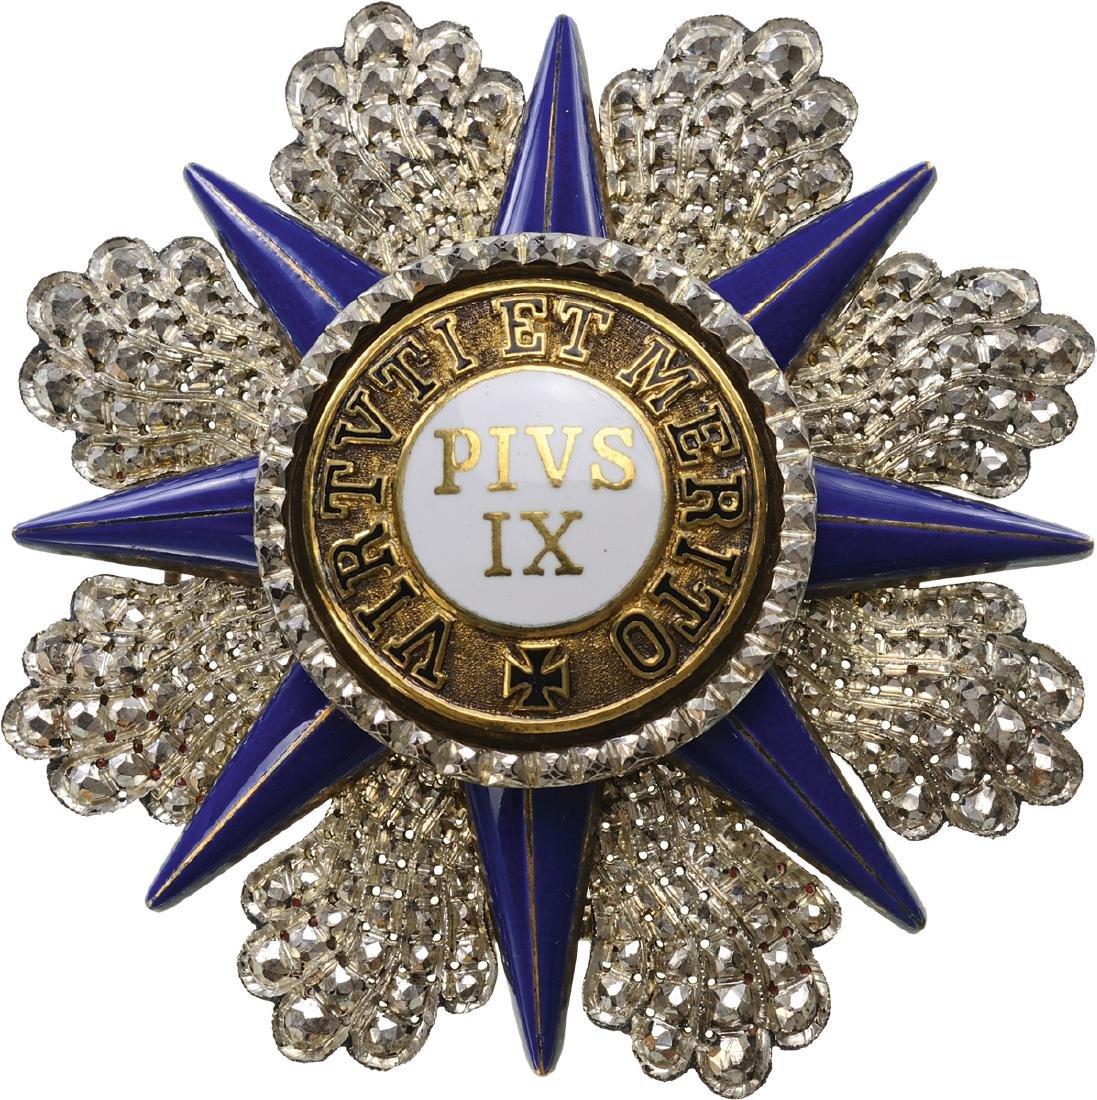 ORDER OF PIUS IX - 5